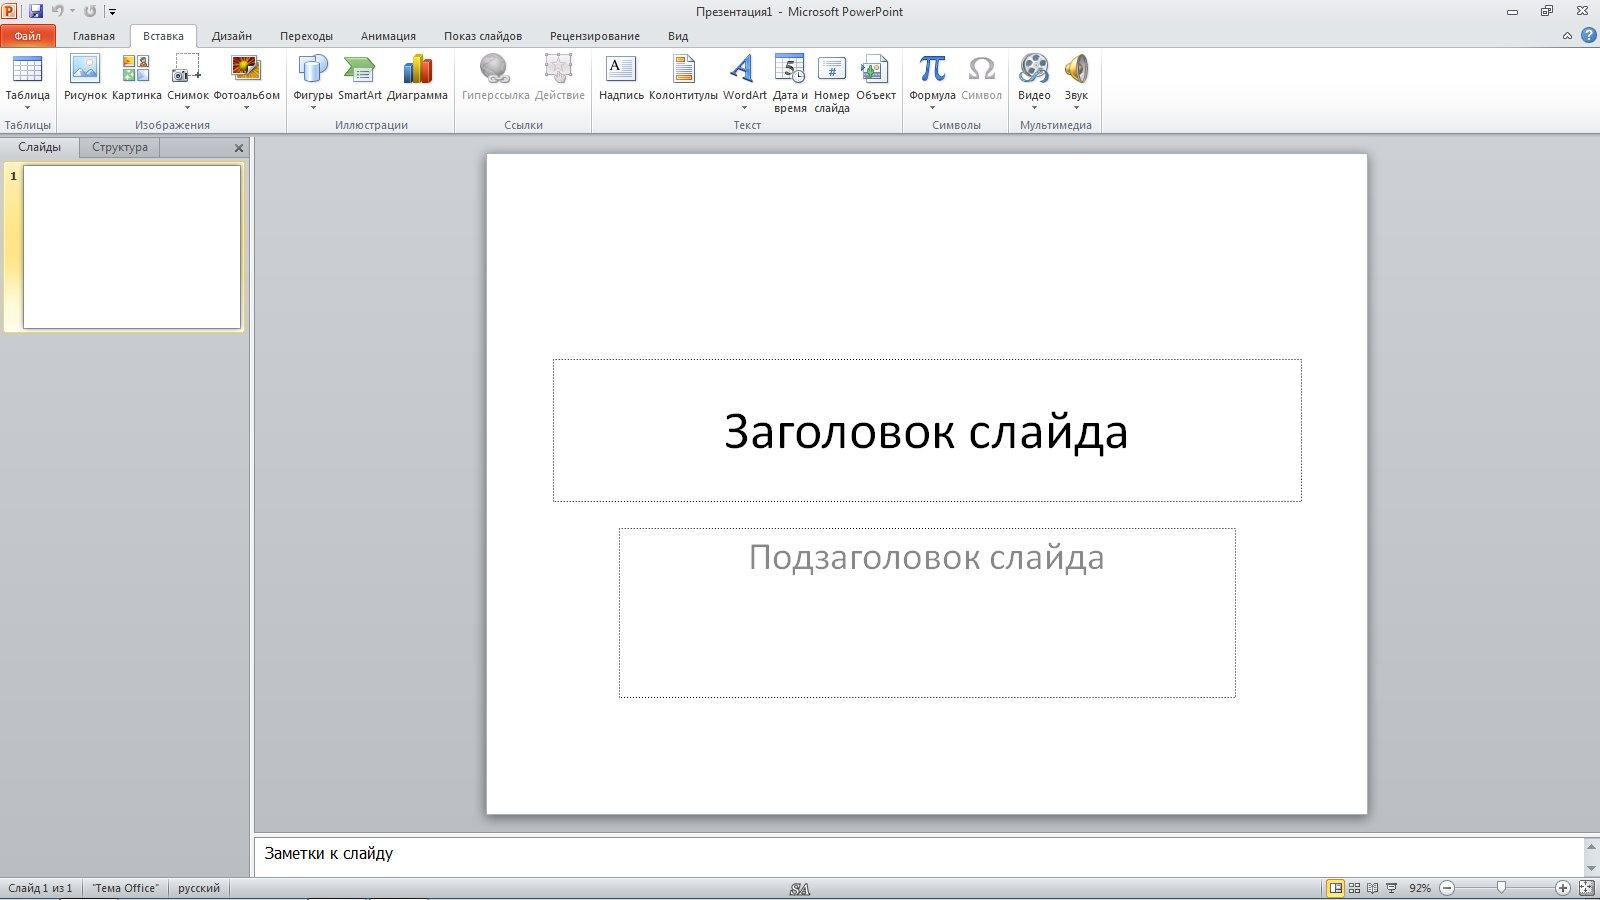 http://fs1.directupload.net/images/150220/kw3nwd4n.jpg